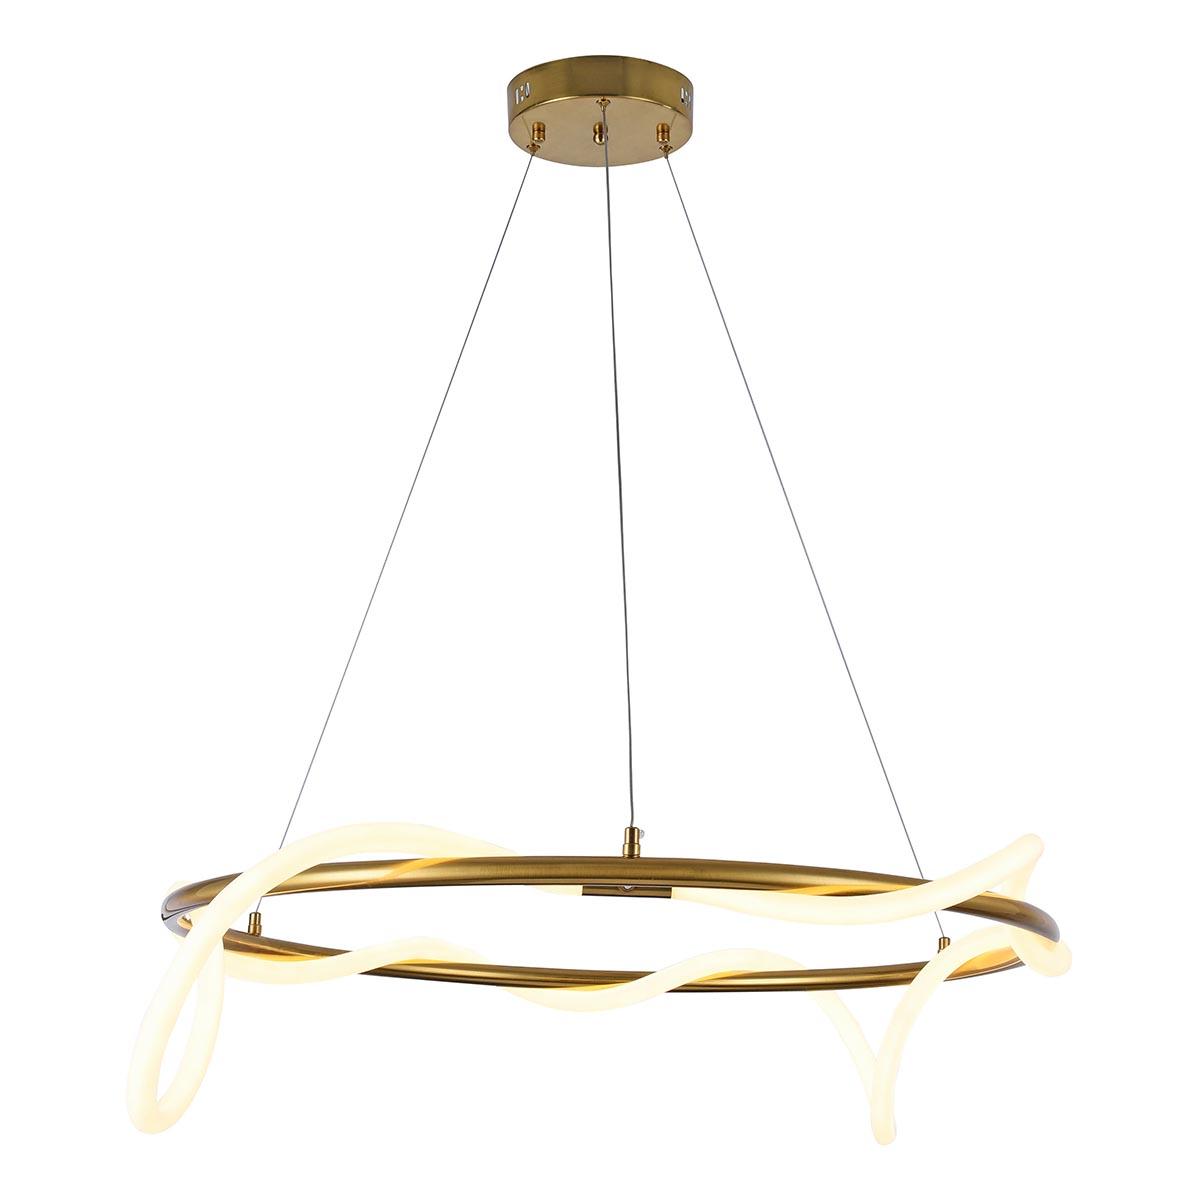 Светильник Kink Light 08040-60,20 Далия светильник kink light подвесной светодиодный далия 08040 60 20